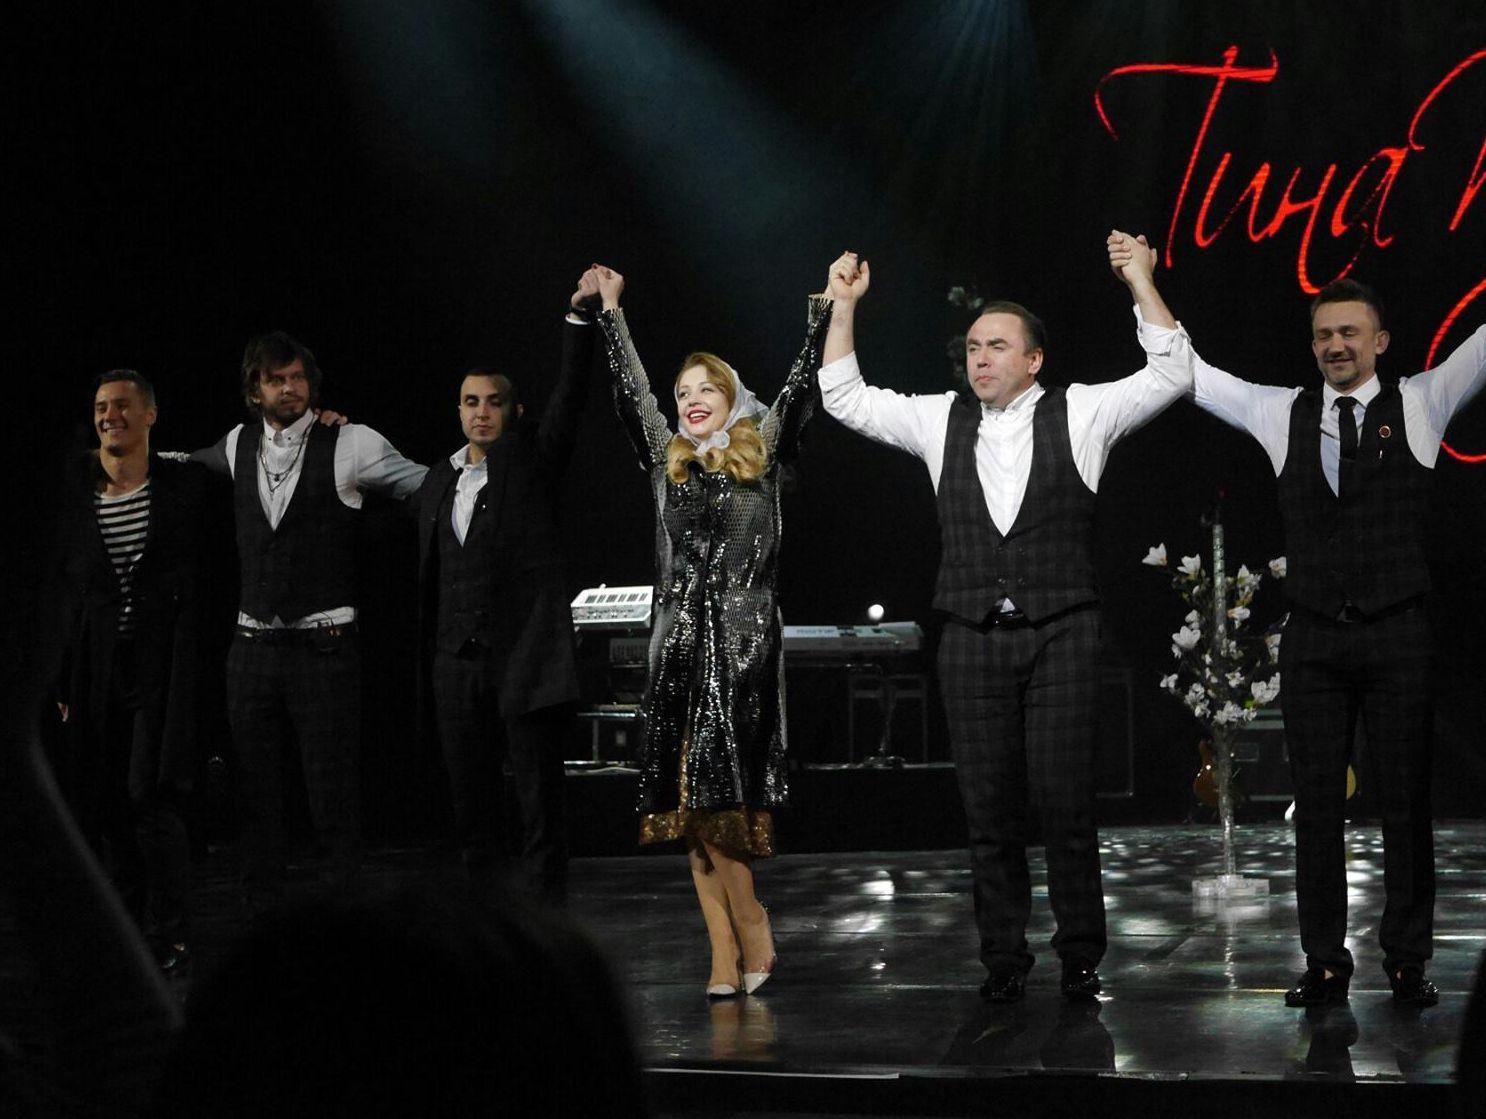 Тина Кароль в золотом платье Marc Jacobs и плаще Christian Dior